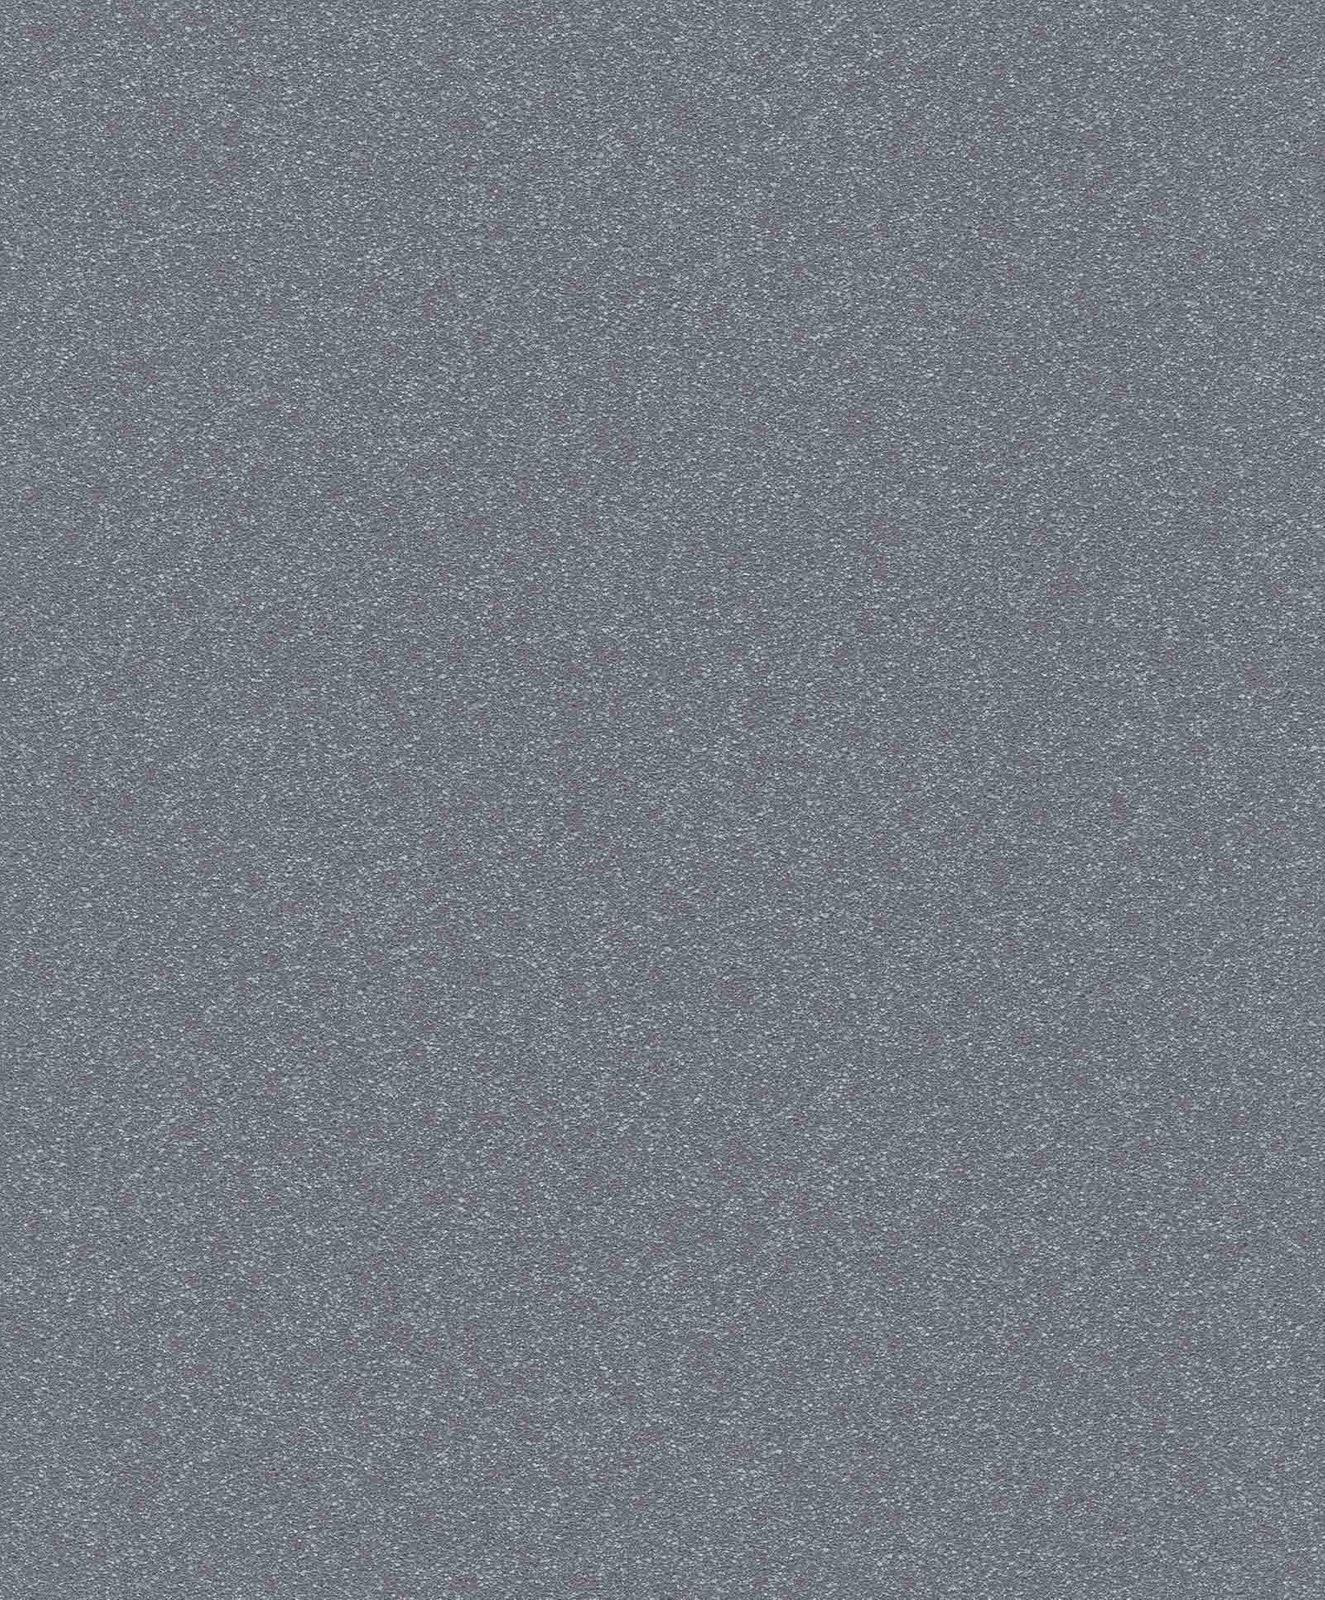 Wand Graublau: Tapete Vlies Einfarbig Struktur Graublau Glanz Rasch 533217